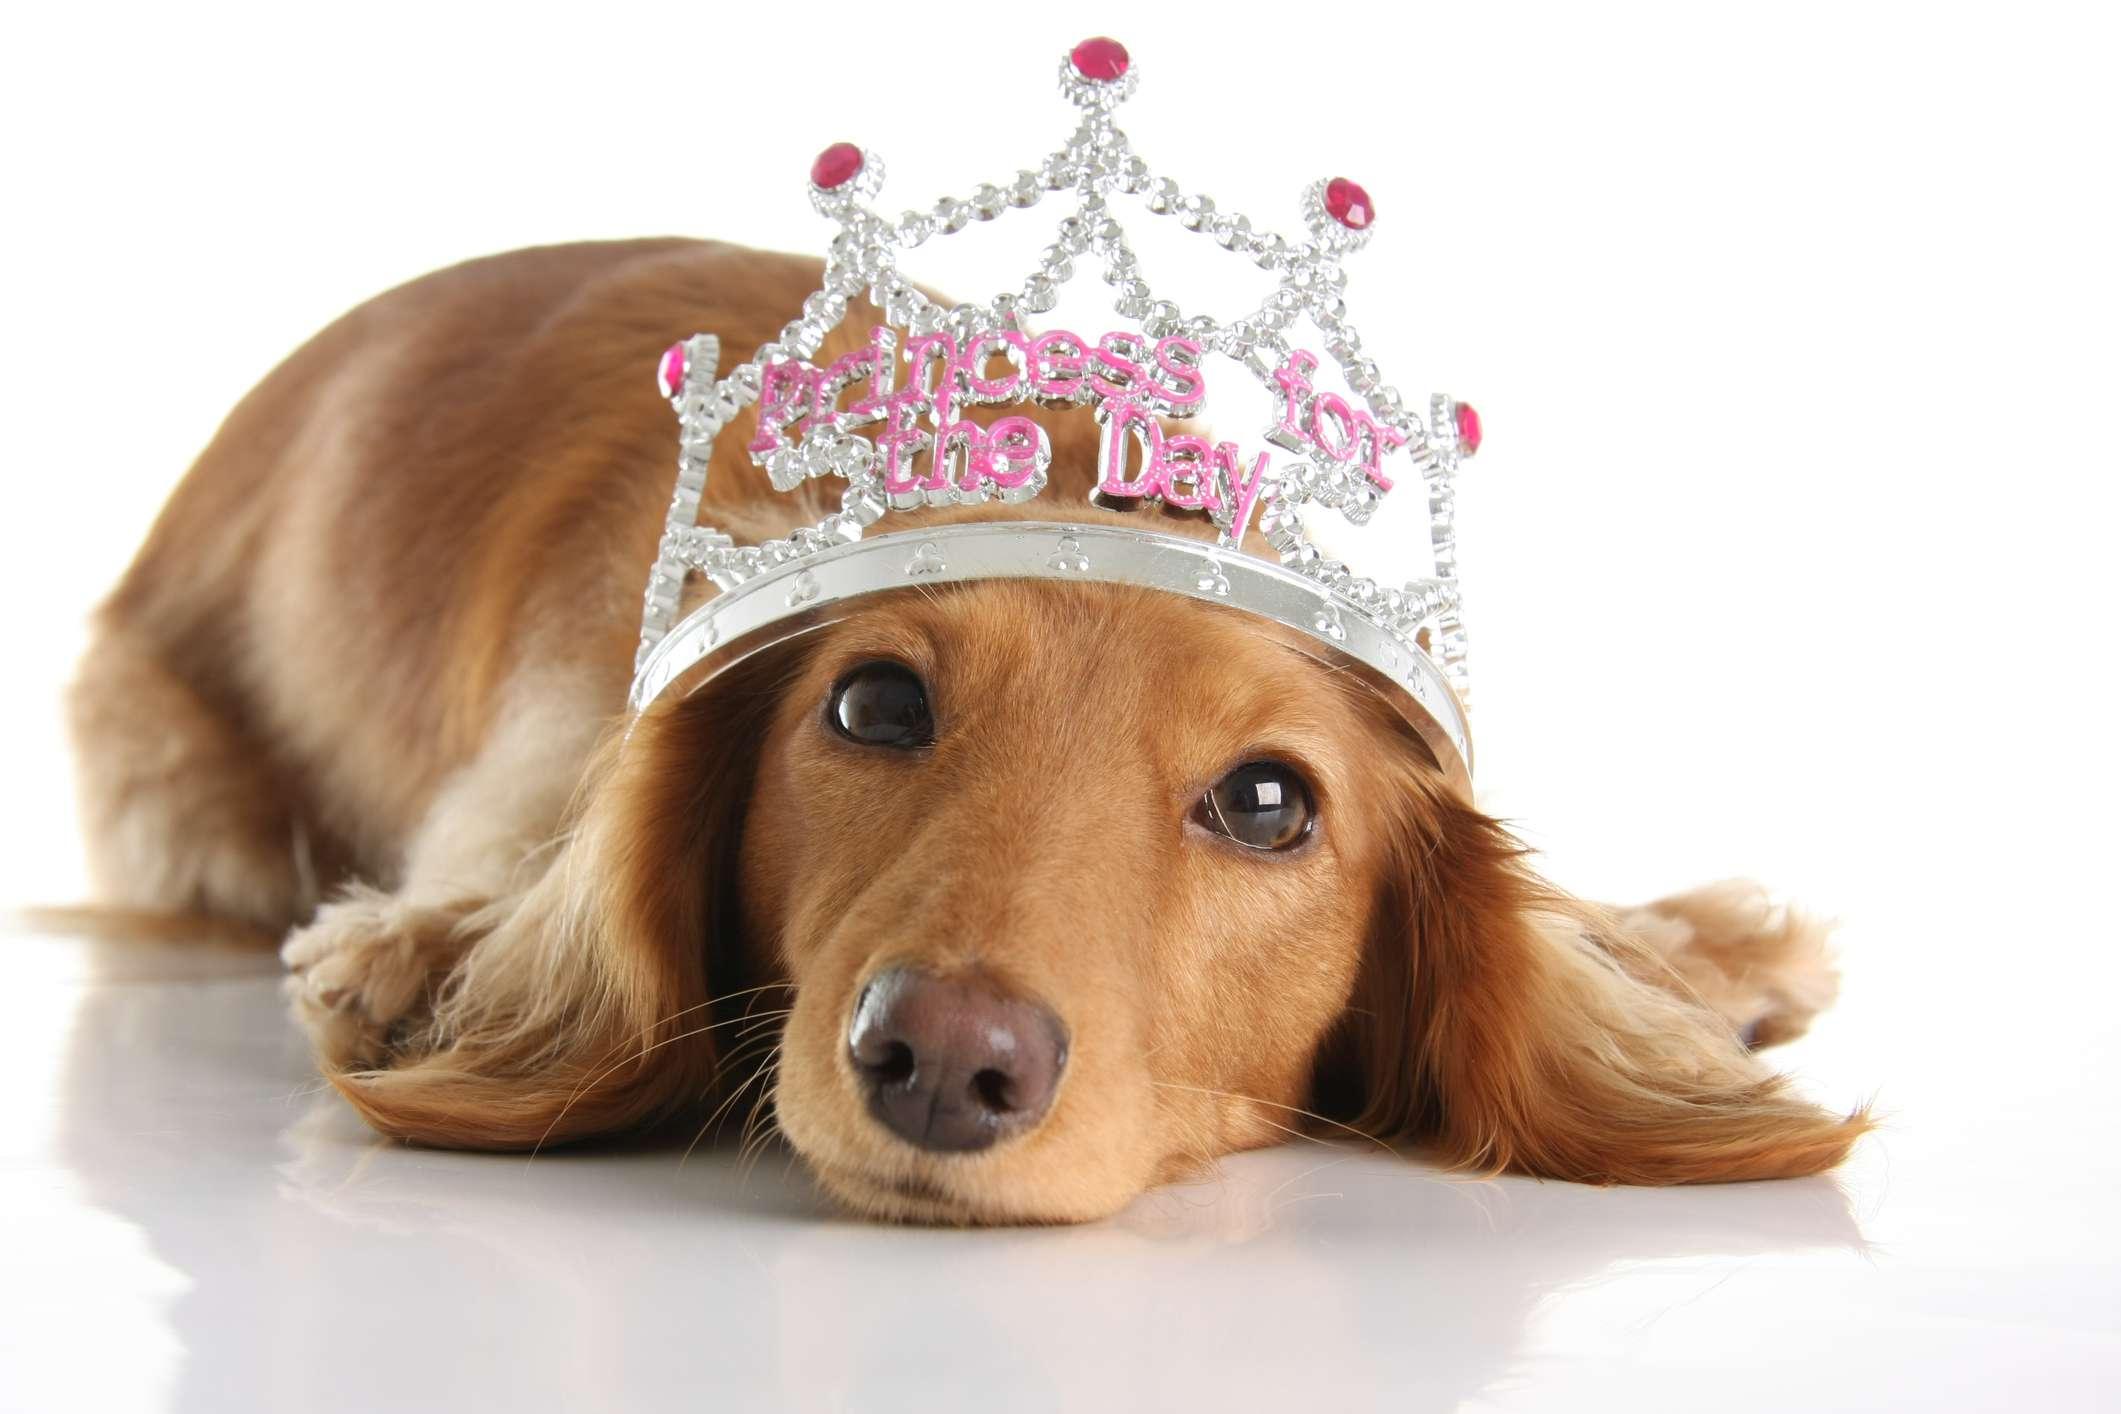 A Dachshund wearing a tiara